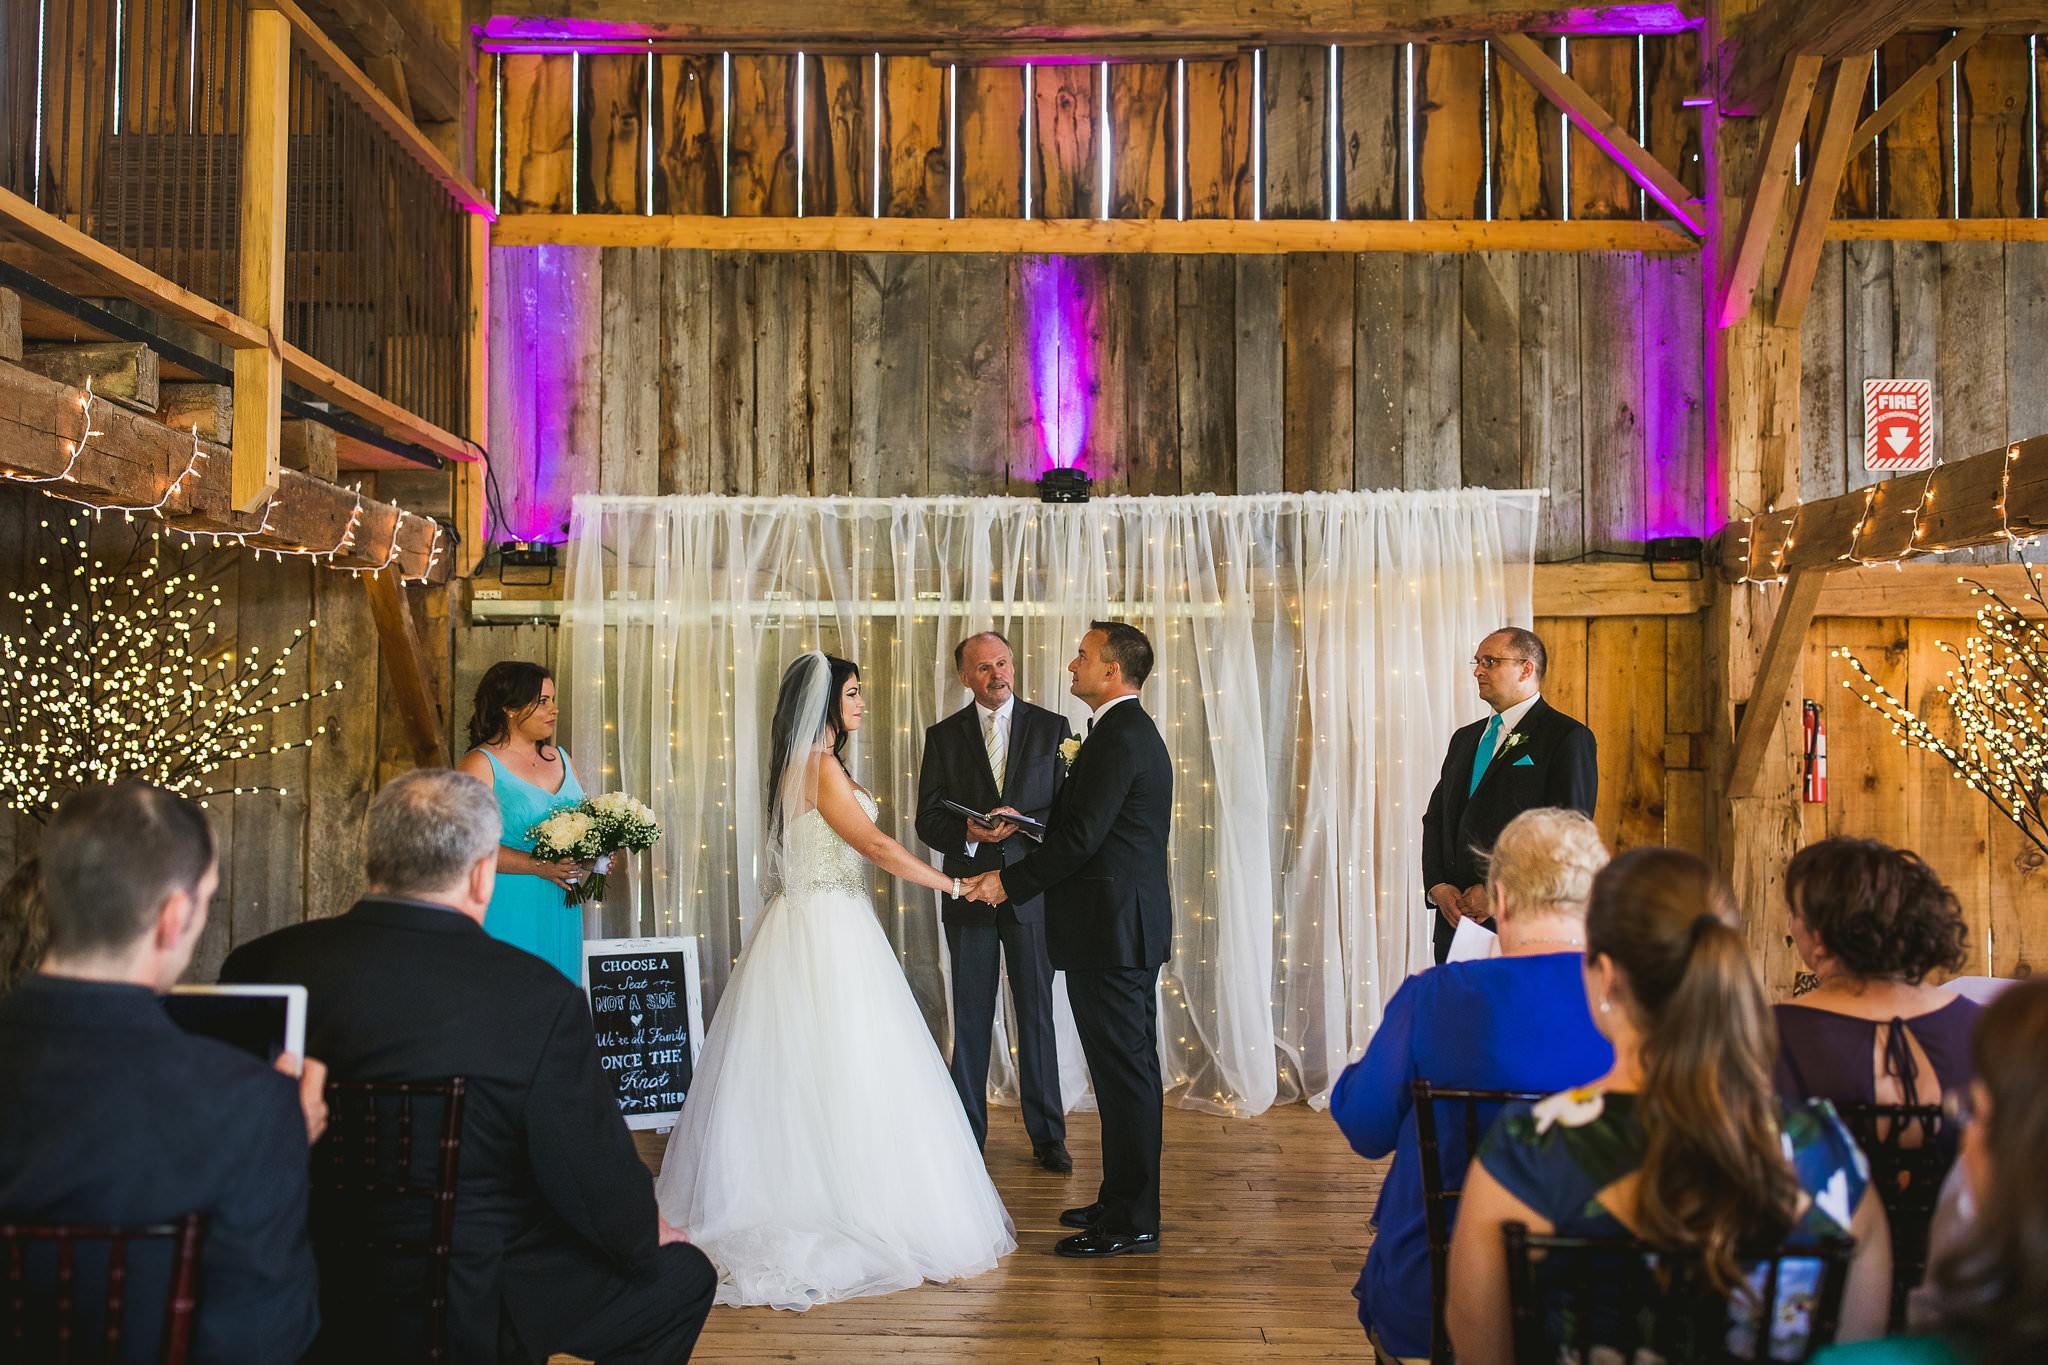 puslinch barn wedding ceremony